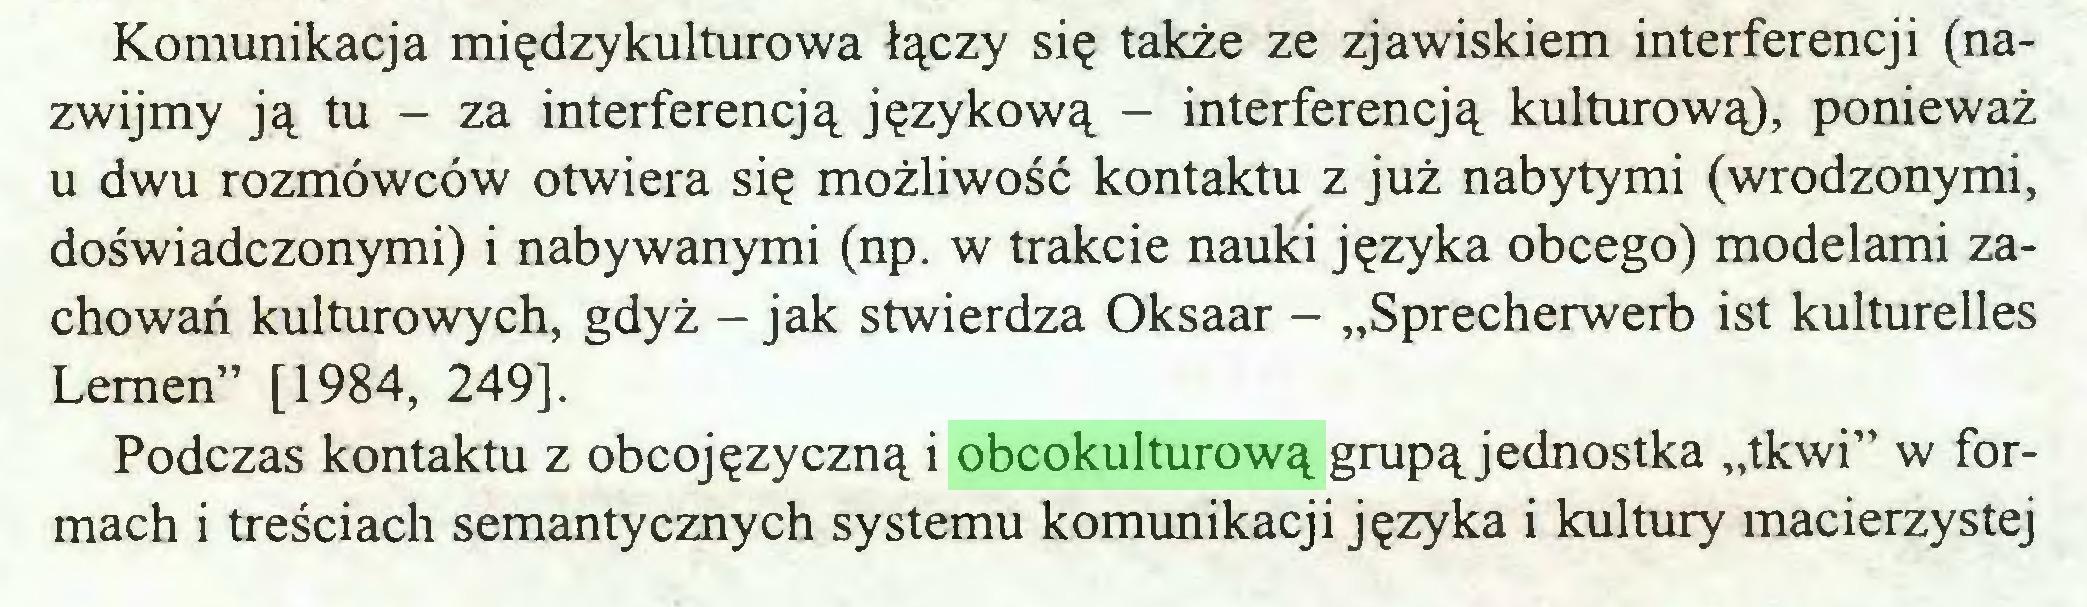 """(...) Komunikacja międzykulturowa łączy się także ze zjawiskiem interferencji (nazwijmy ją tu - za interferencją językową - interferencją kulturową), ponieważ u dwu rozmówców otwiera się możliwość kontaktu z już nabytymi (wrodzonymi, doświadczonymi) i nabywanymi (np. w trakcie nauki języka obcego) modelami zachowań kulturowych, gdyż - jak stwierdza Oksaar - """"Sprecherwerb ist kulturelles Lemen"""" [1984, 249], Podczas kontaktu z obcojęzyczną i obcokulturową grupą jednostka """"tkwi"""" w formach i treściach semantycznych systemu komunikacji języka i kultury macierzystej..."""